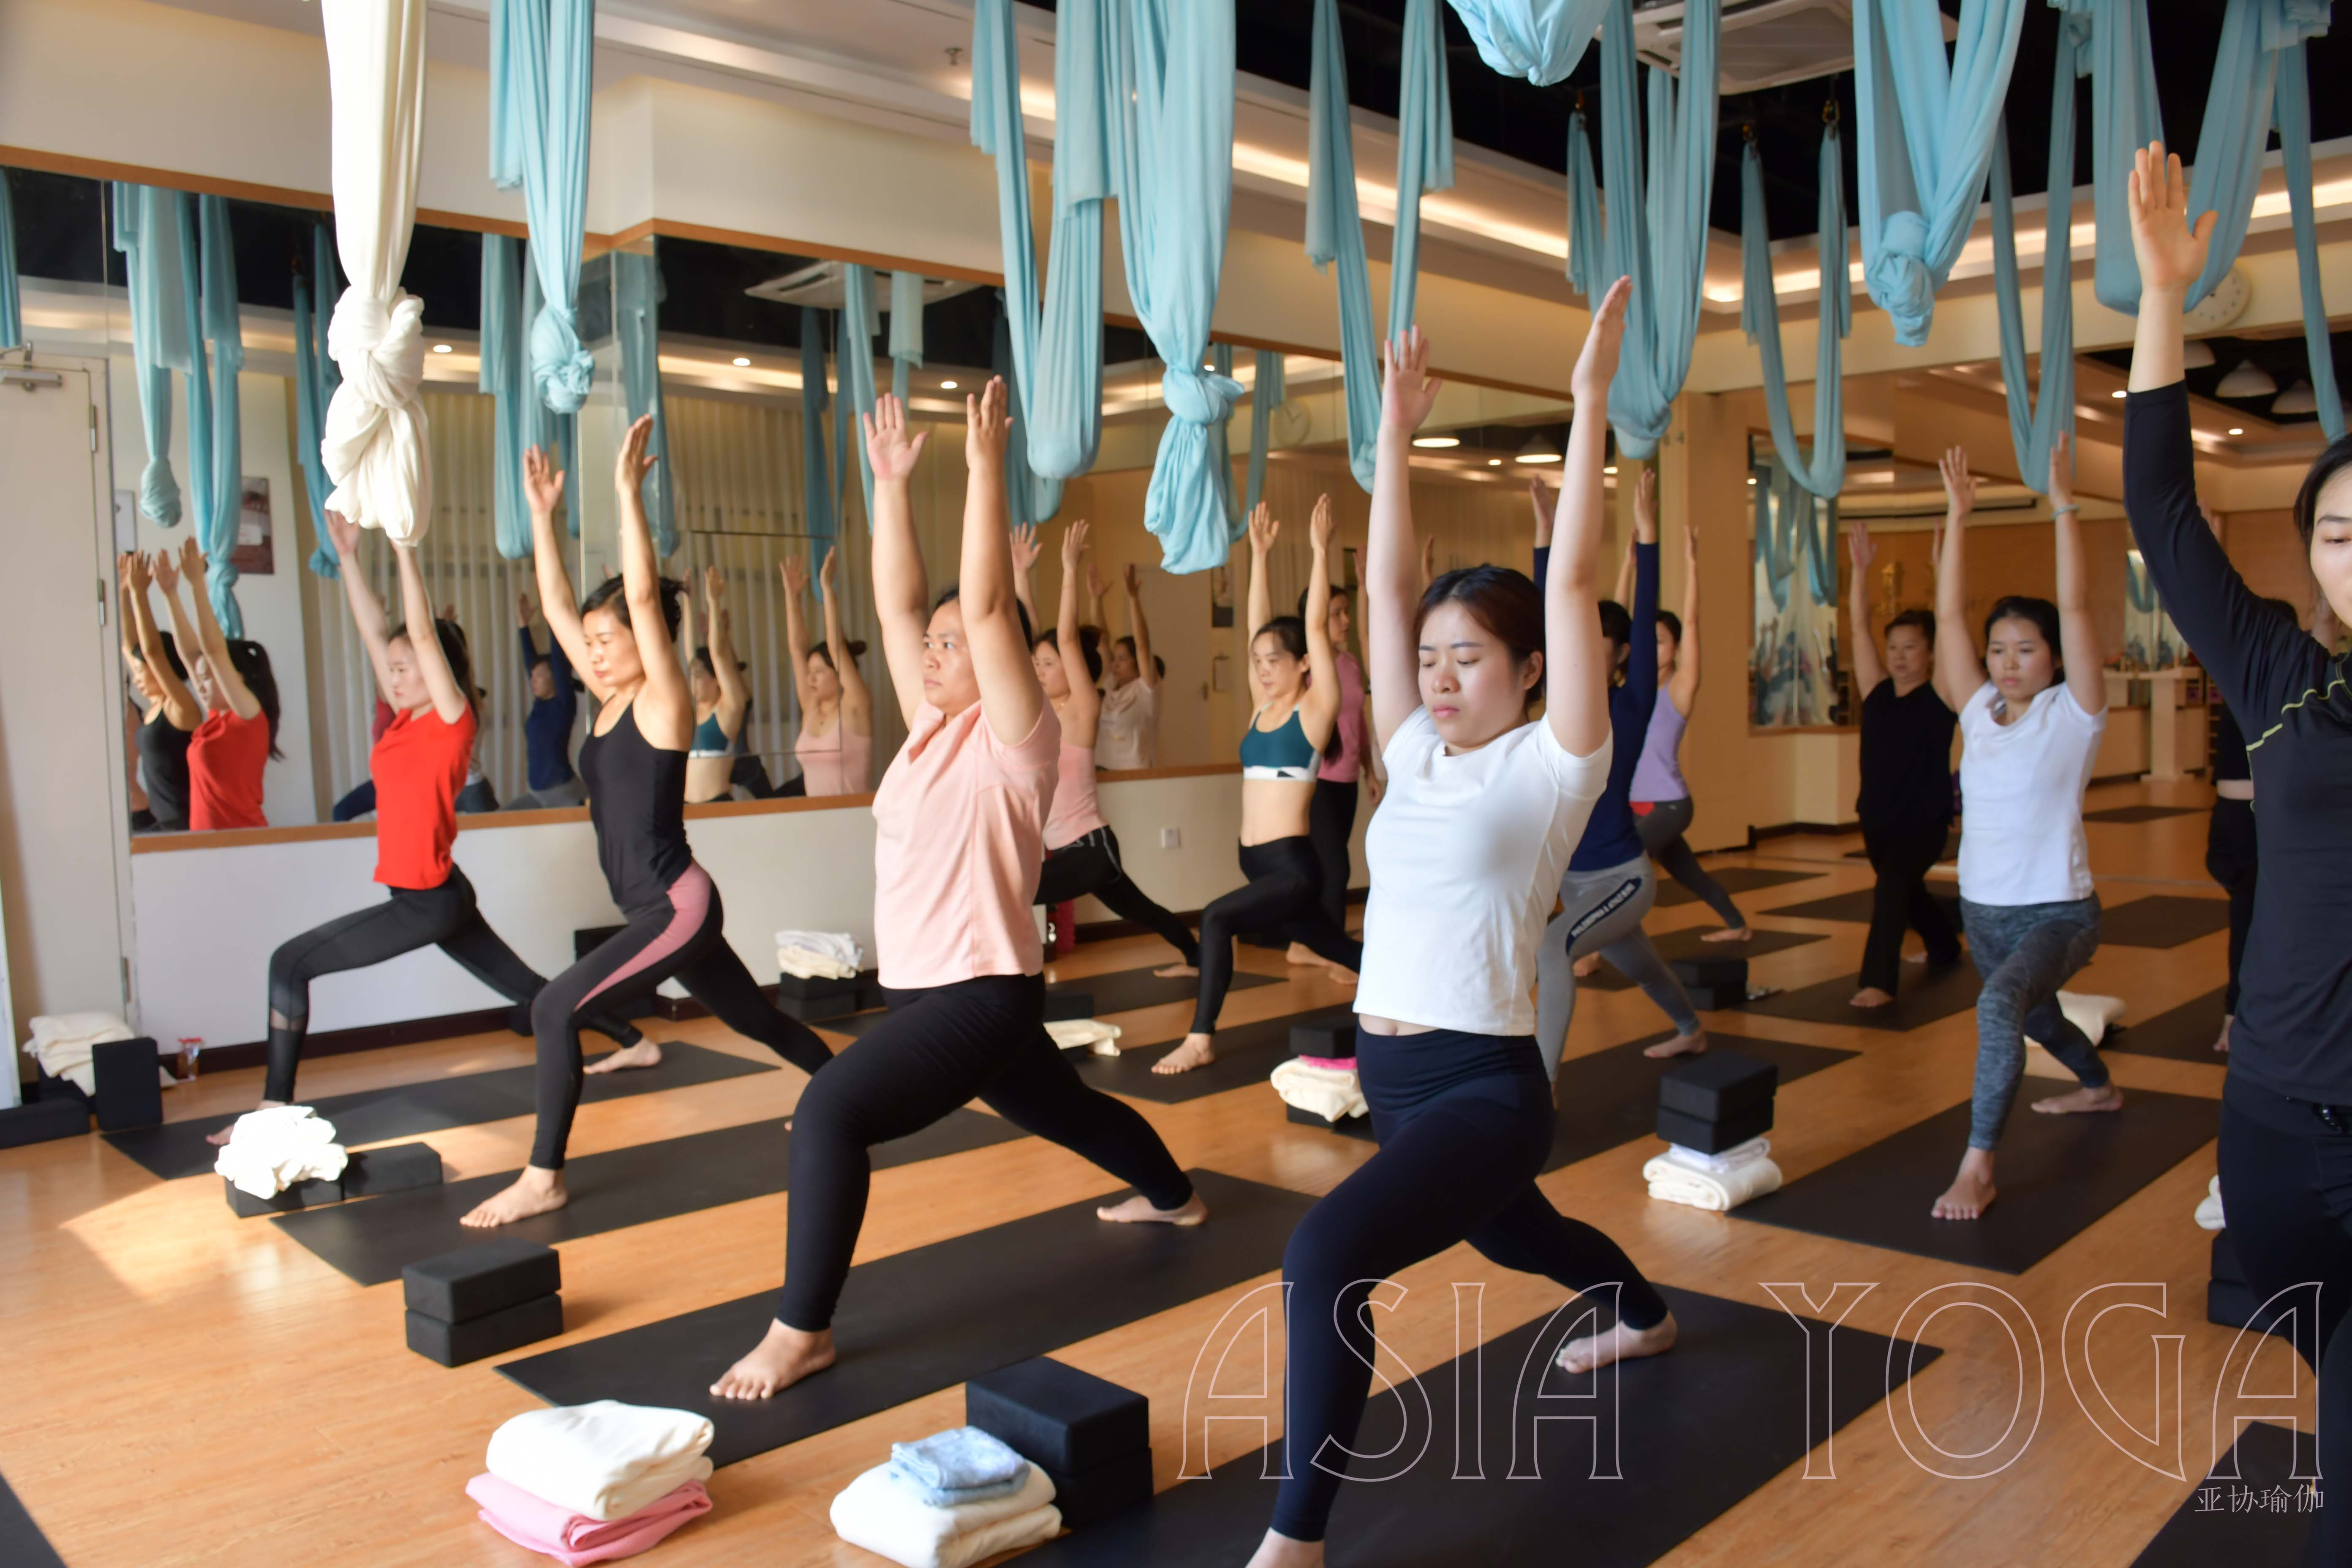 瑜伽,修身亦修心。【亚协体育就业指导中心瑜伽公开课圆满落幕】